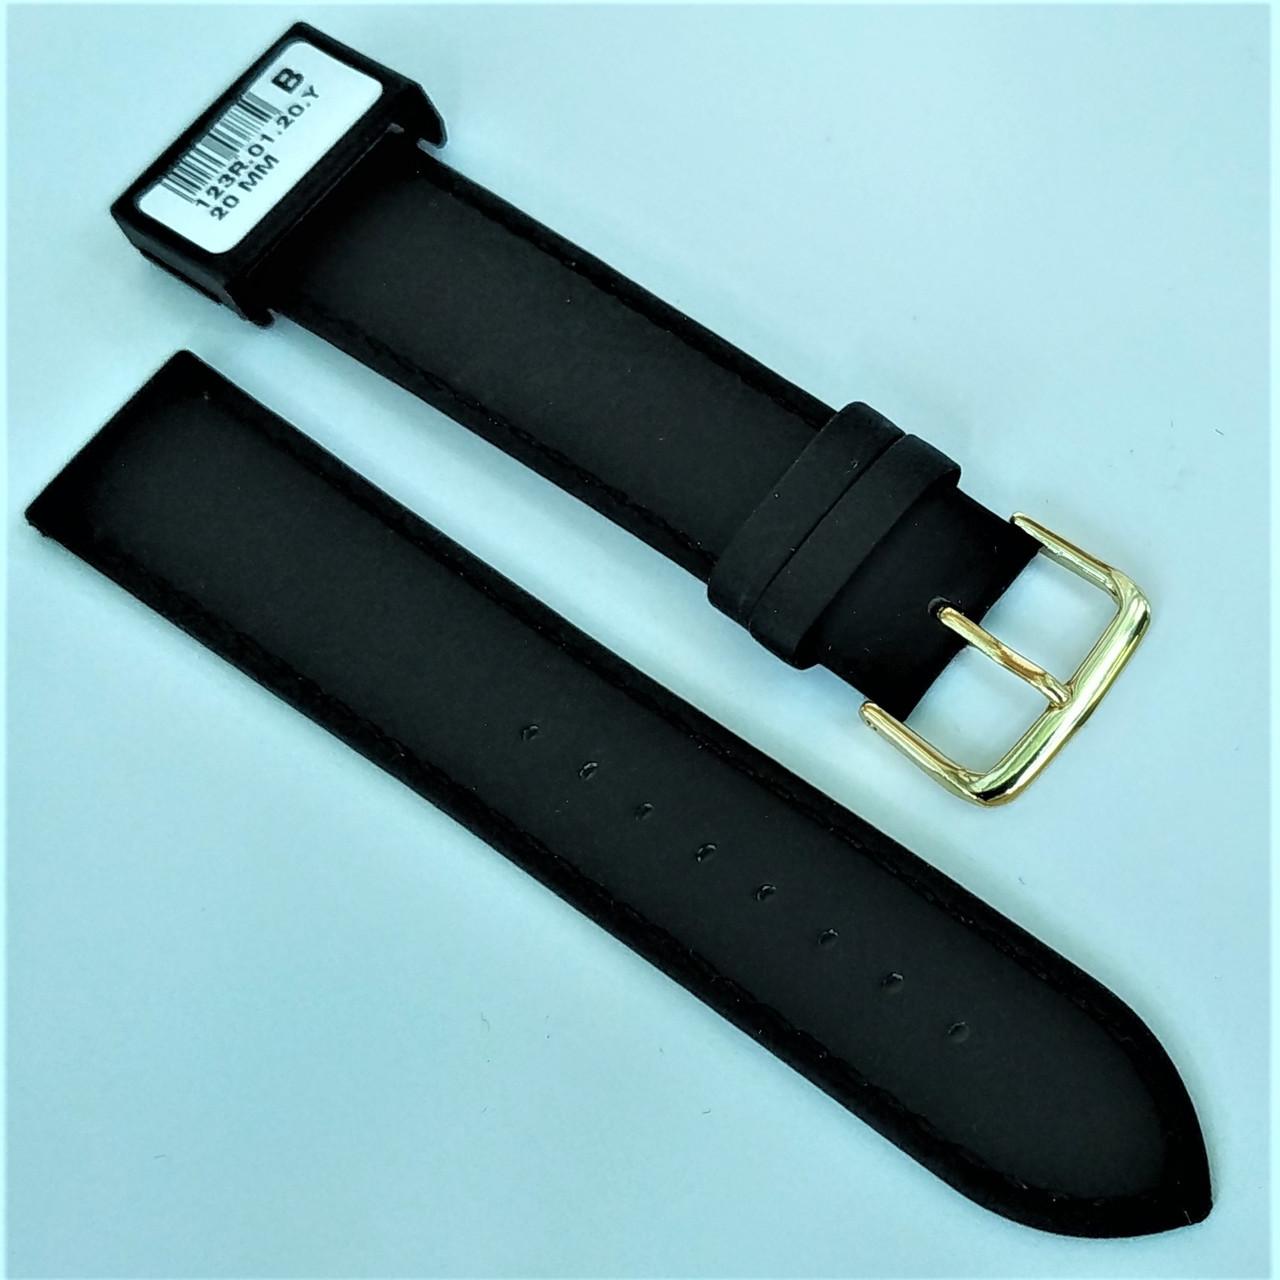 20 мм Кожаный Ремешок для часов CONDOR 123.20.01 Черный Ремешок на часы из Натуральной кожи